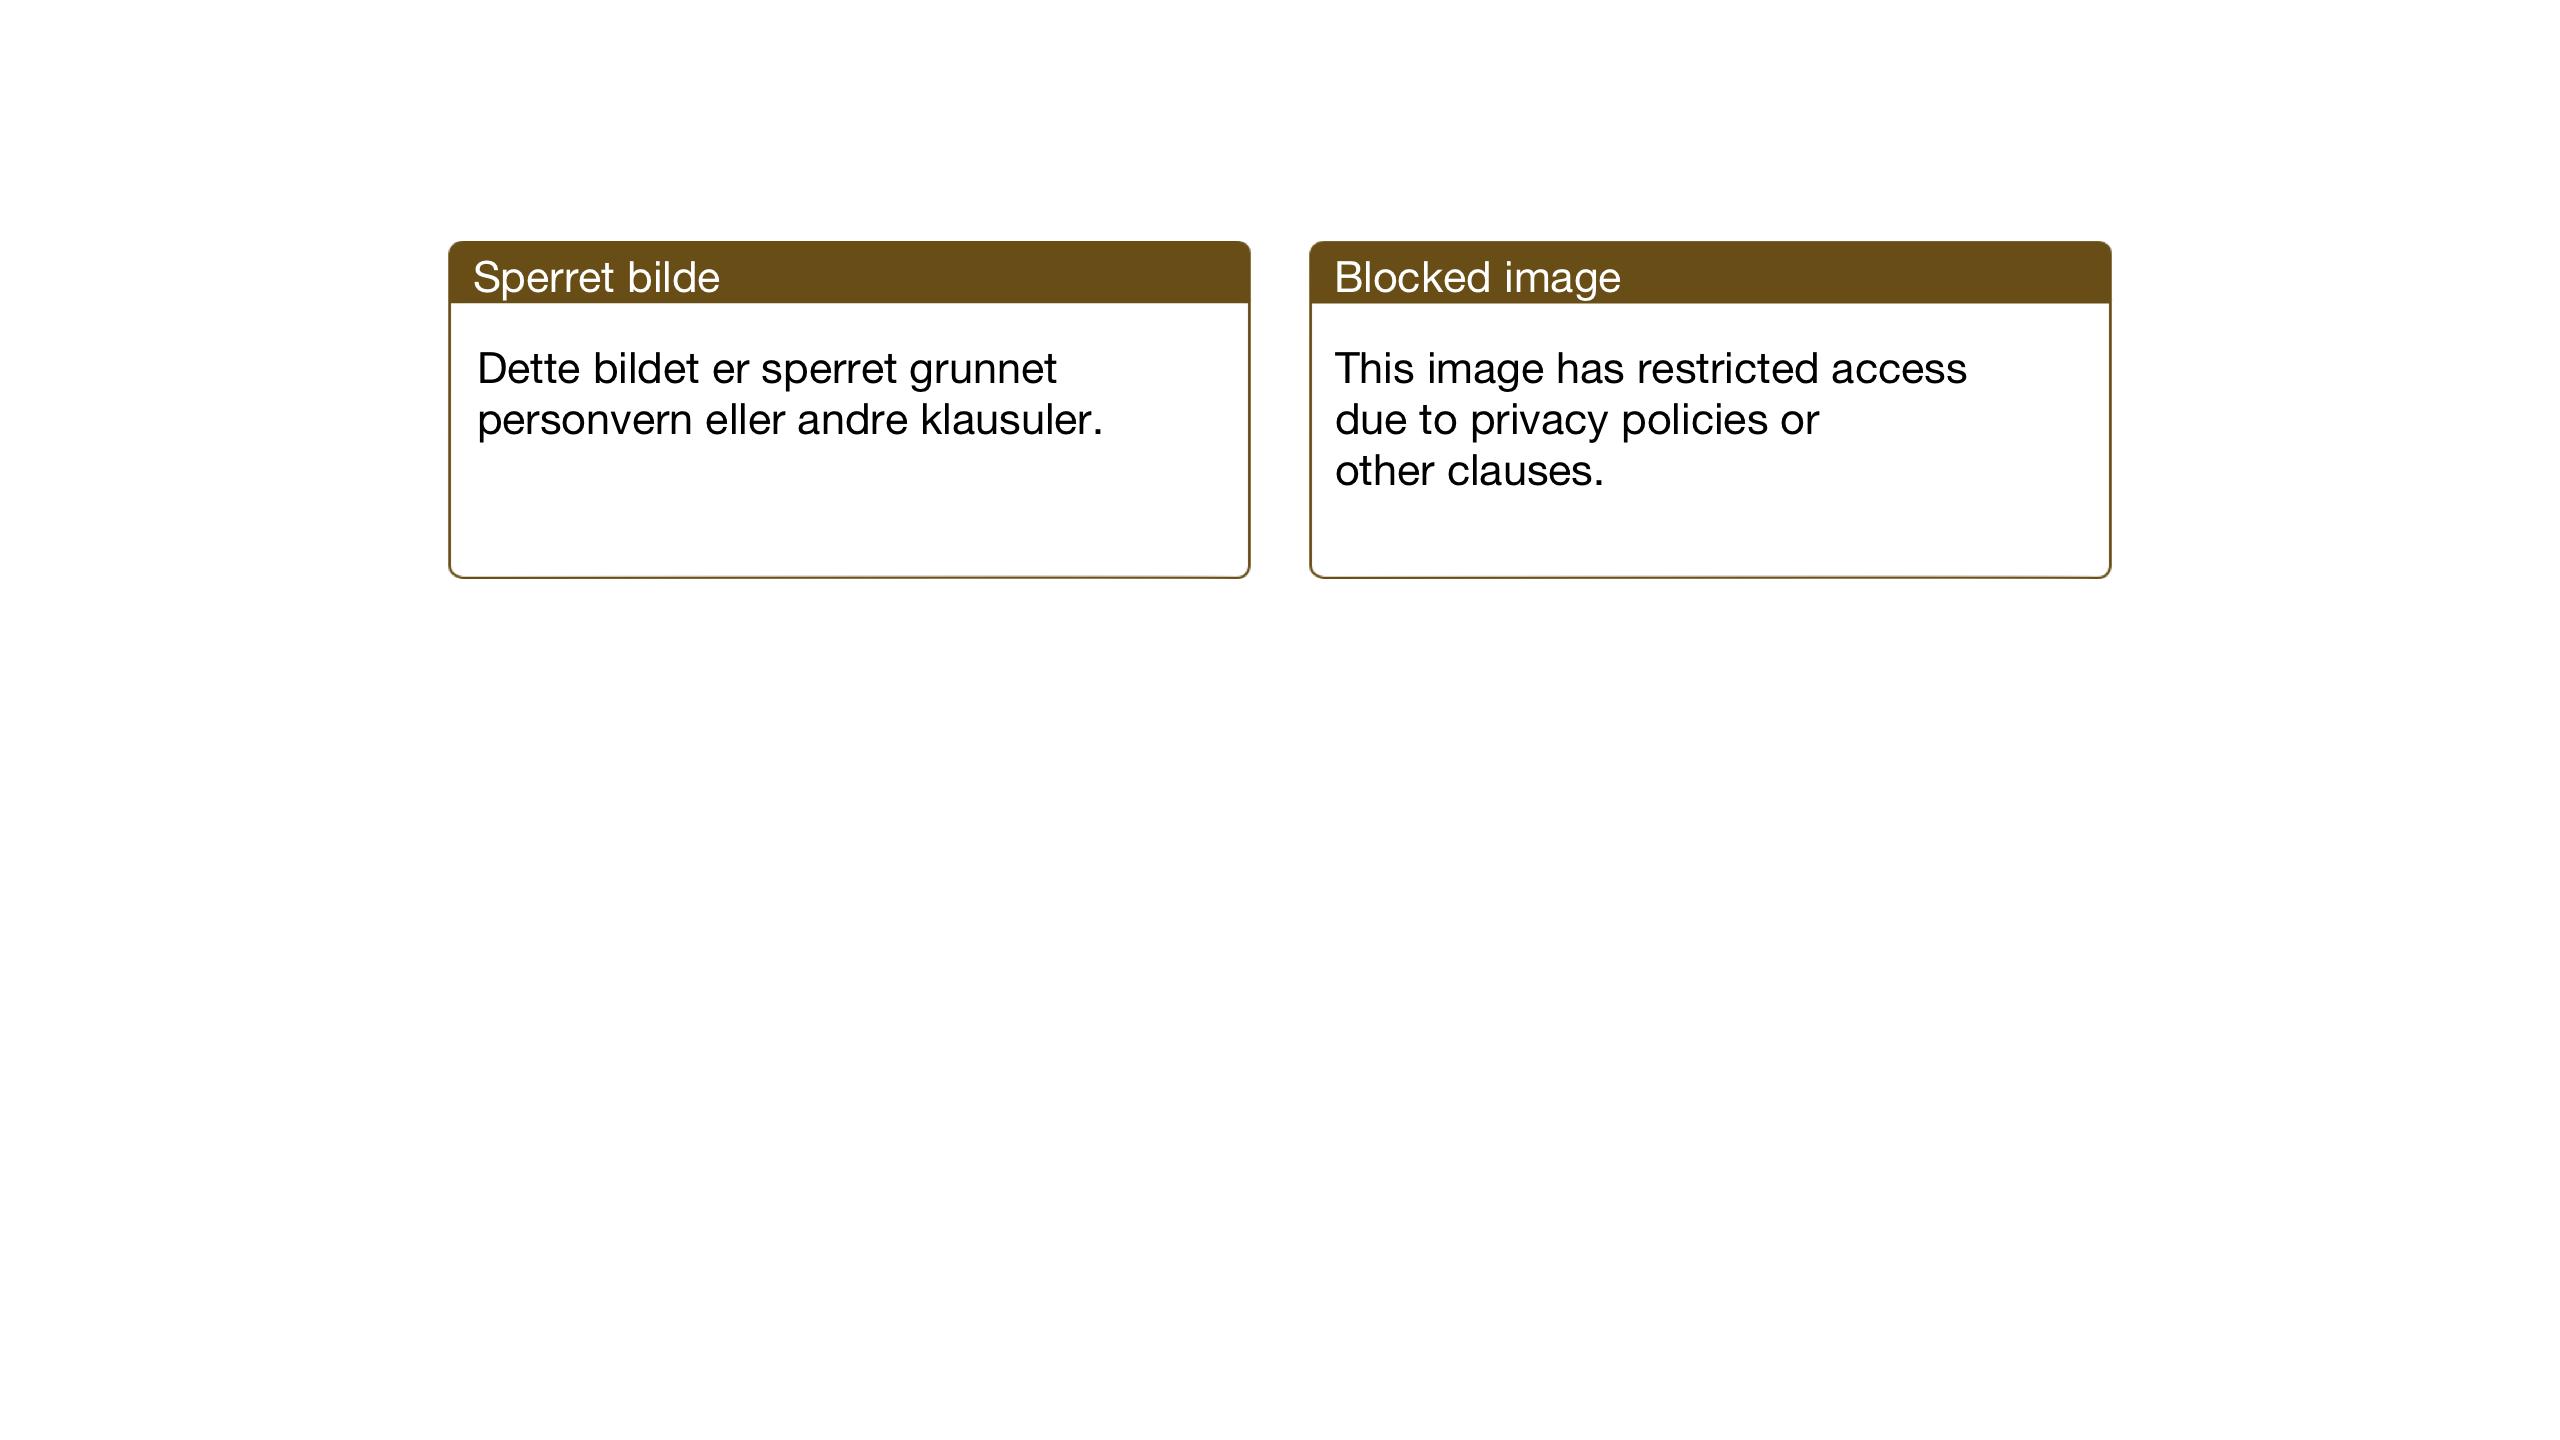 SAT, Ministerialprotokoller, klokkerbøker og fødselsregistre - Sør-Trøndelag, 682/L0947: Klokkerbok nr. 682C01, 1926-1968, s. 137